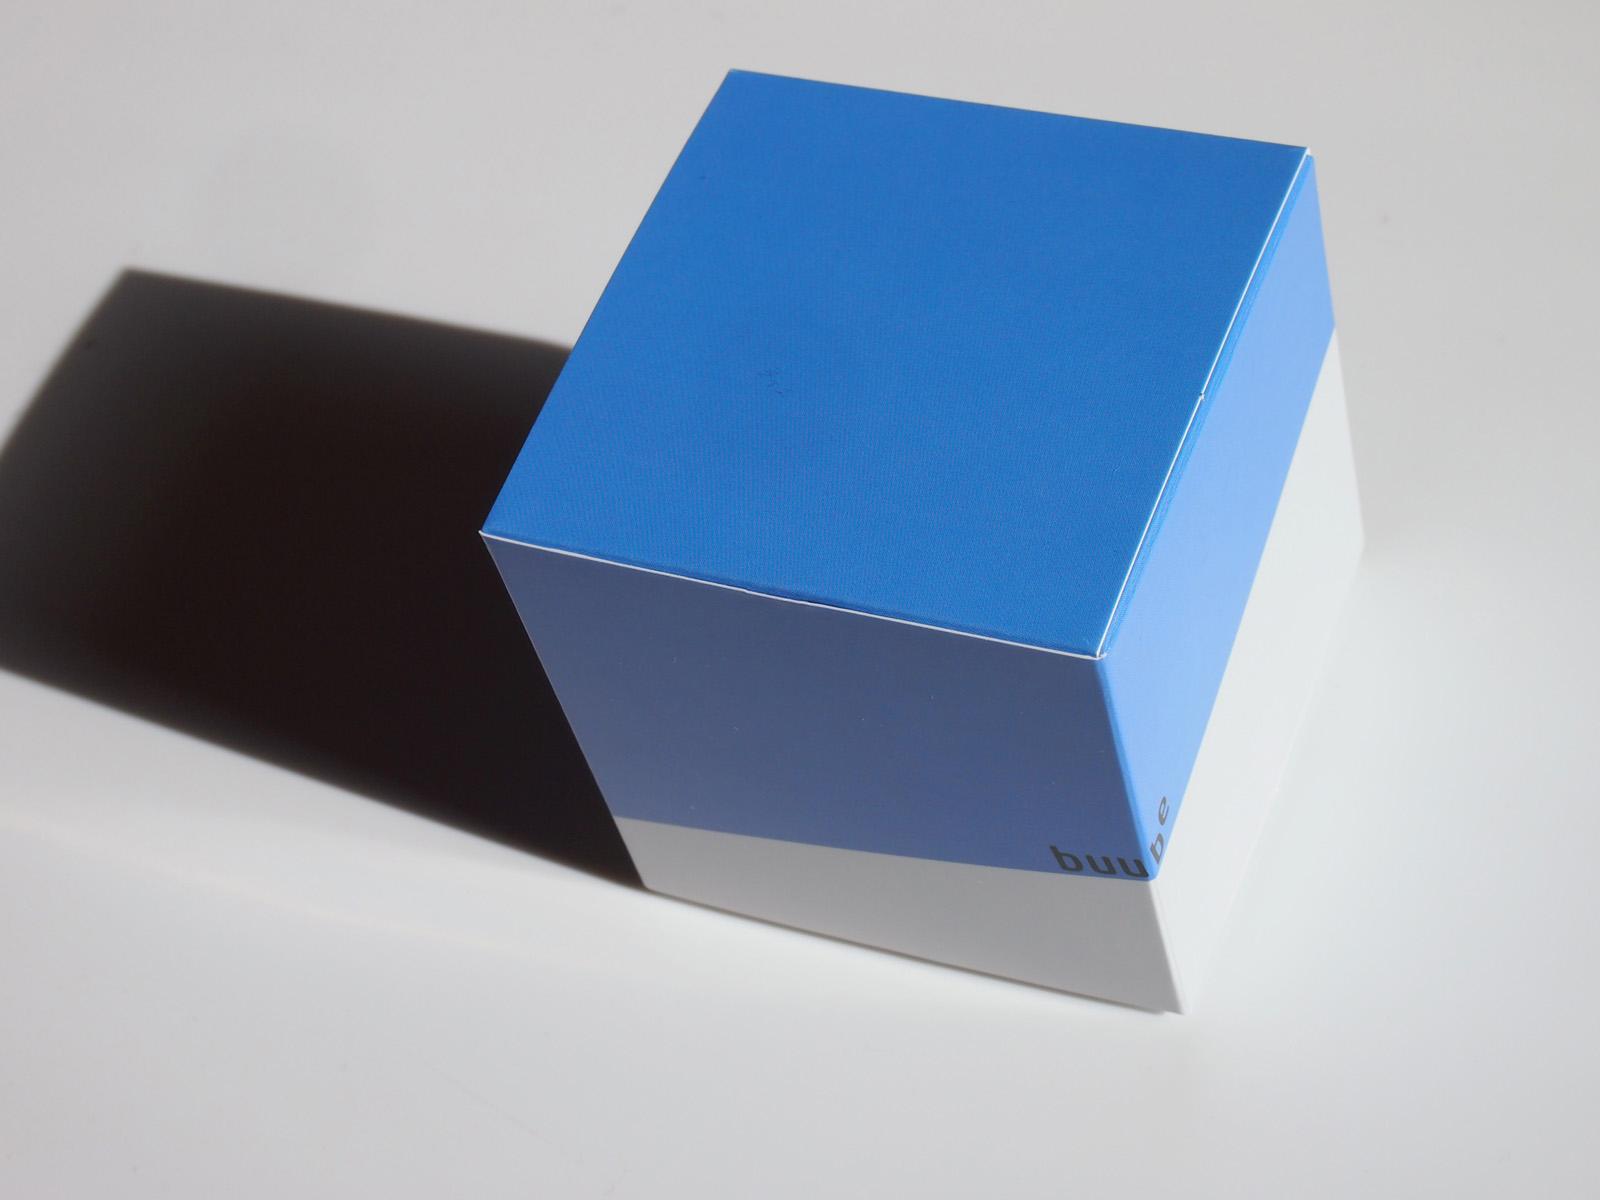 blu01.jpg